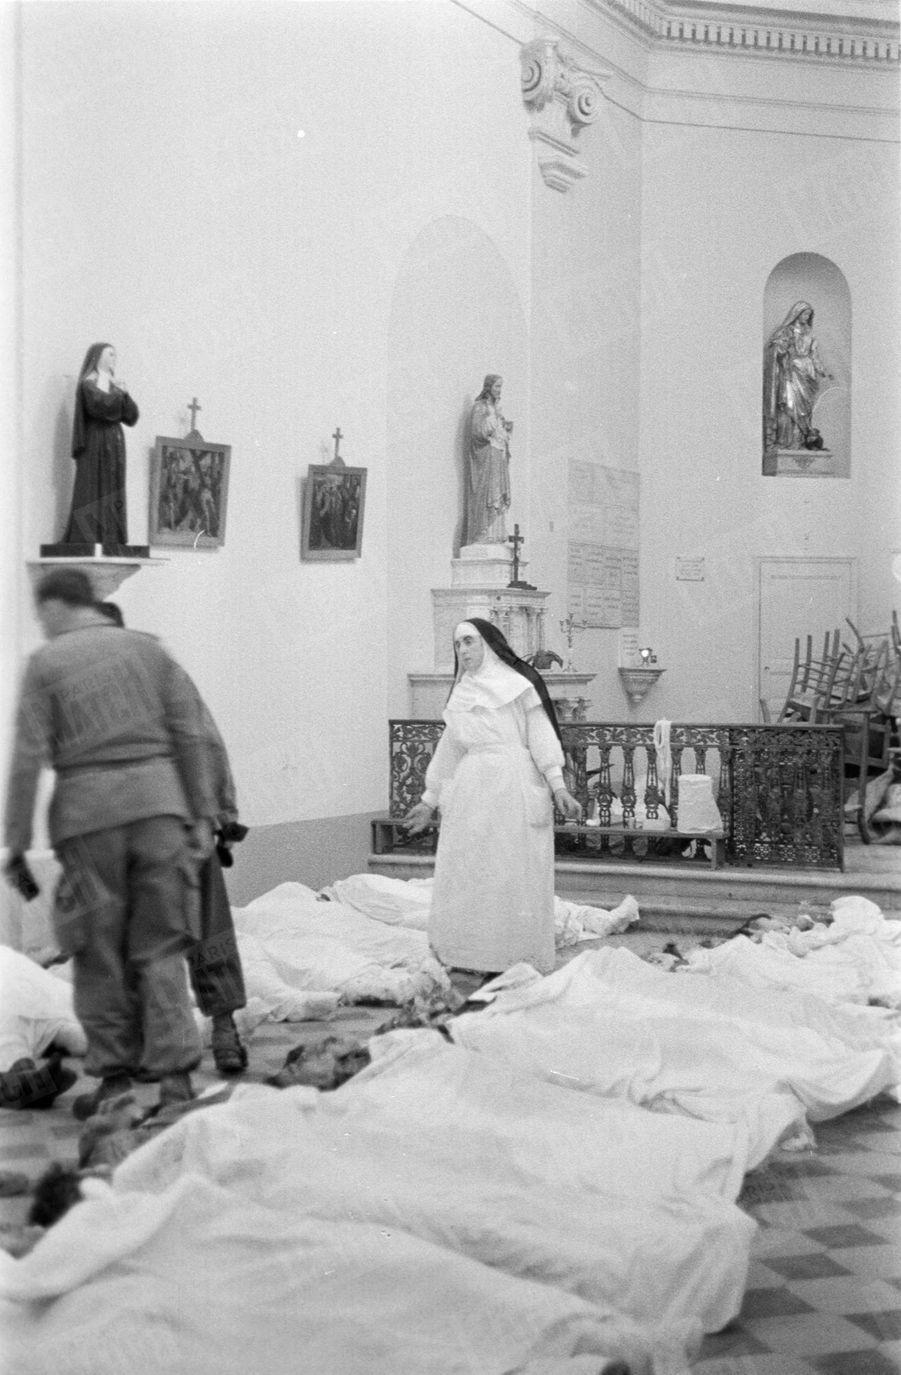 « Un quart des victimes sont des enfants. 50 familles pleurent, devant ces petits linceuls, ceux qui furent emportés dans l'horreur d'une nuit.» - Paris Match n°557, 12 décembre 1959.